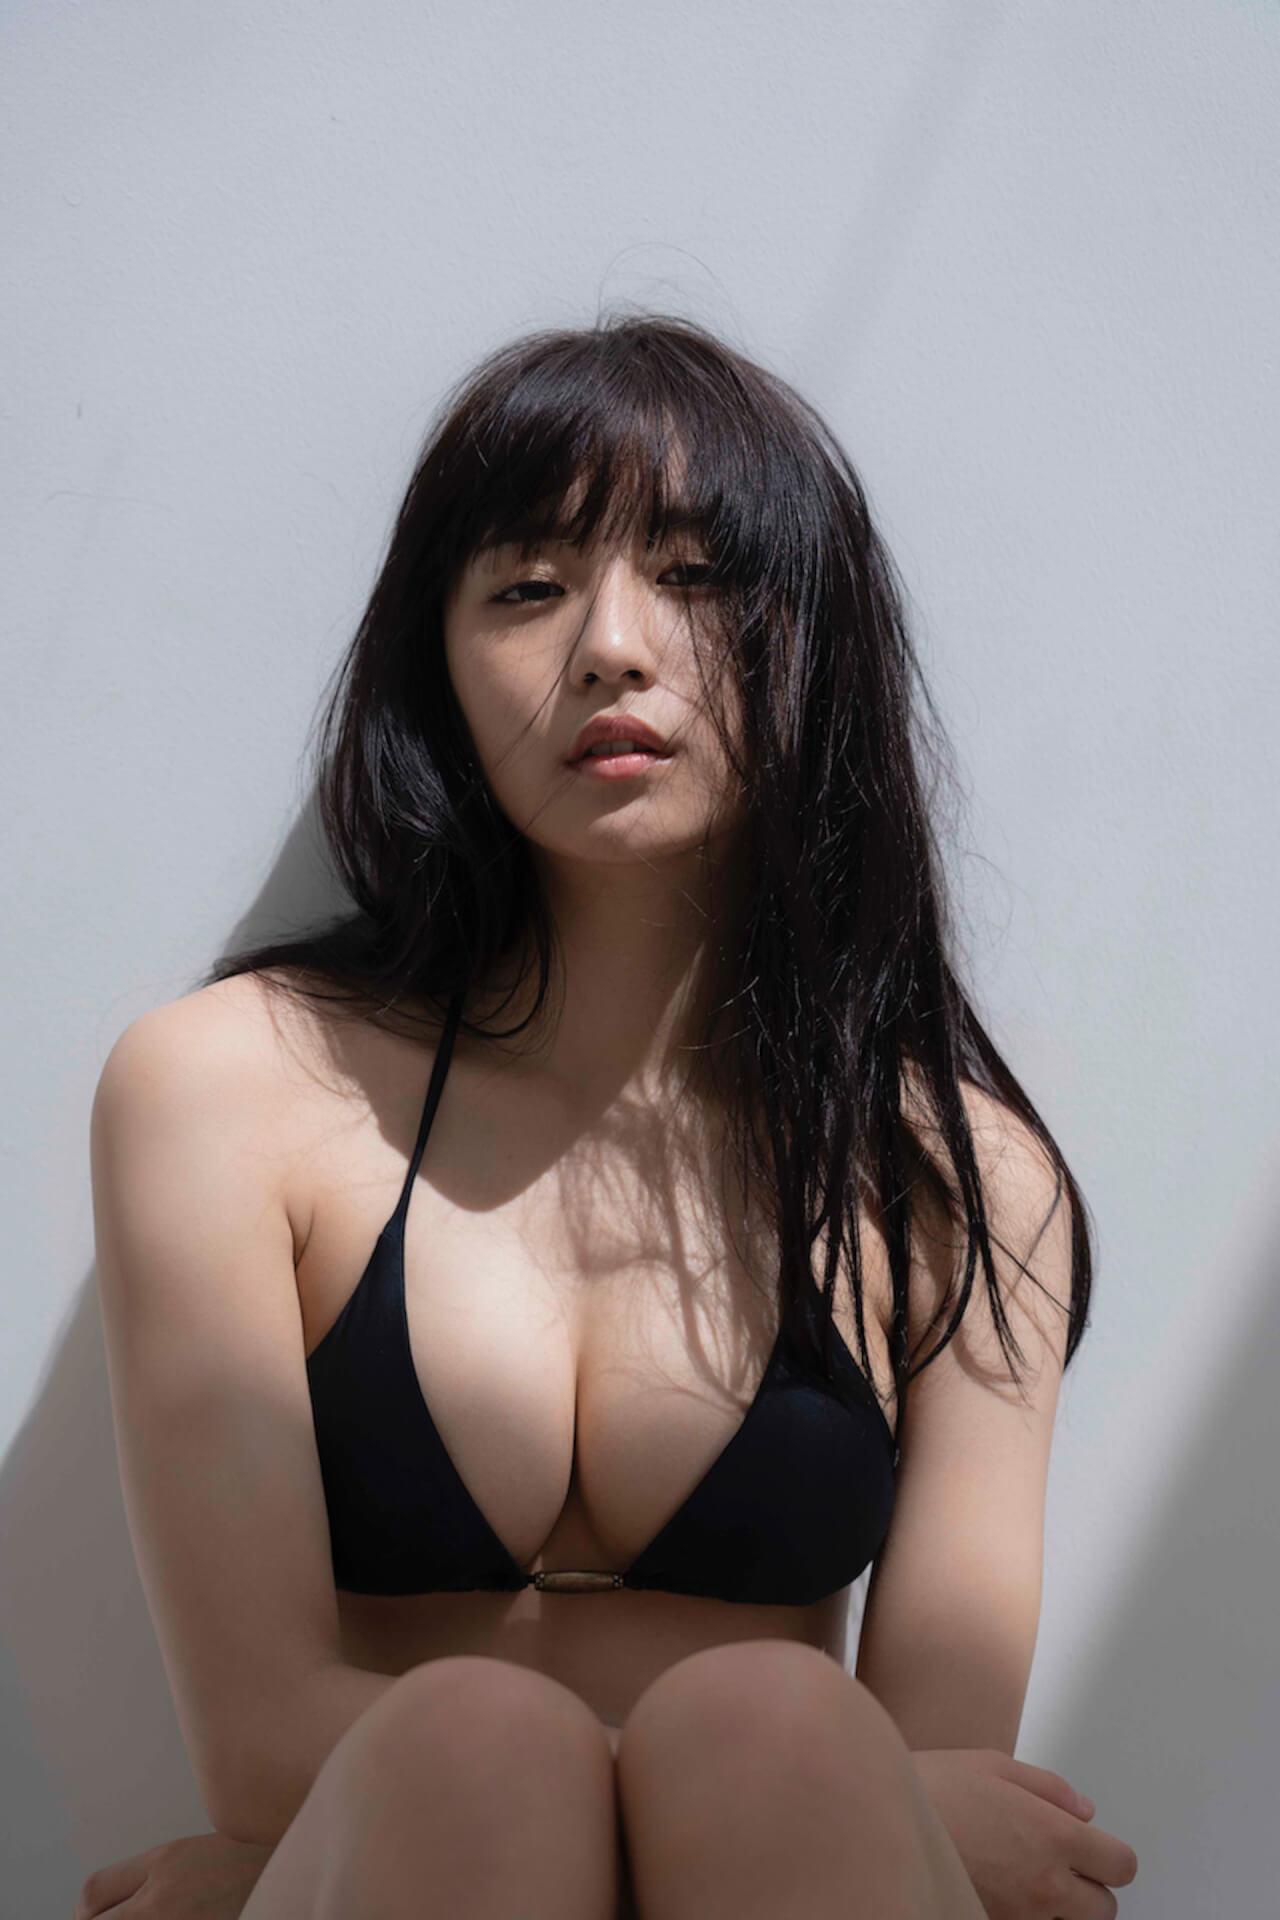 浅川梨奈が魅せた、20歳のセクシーショット|『週プレ37号』表紙に登場 ac190902asakawa-nana_2